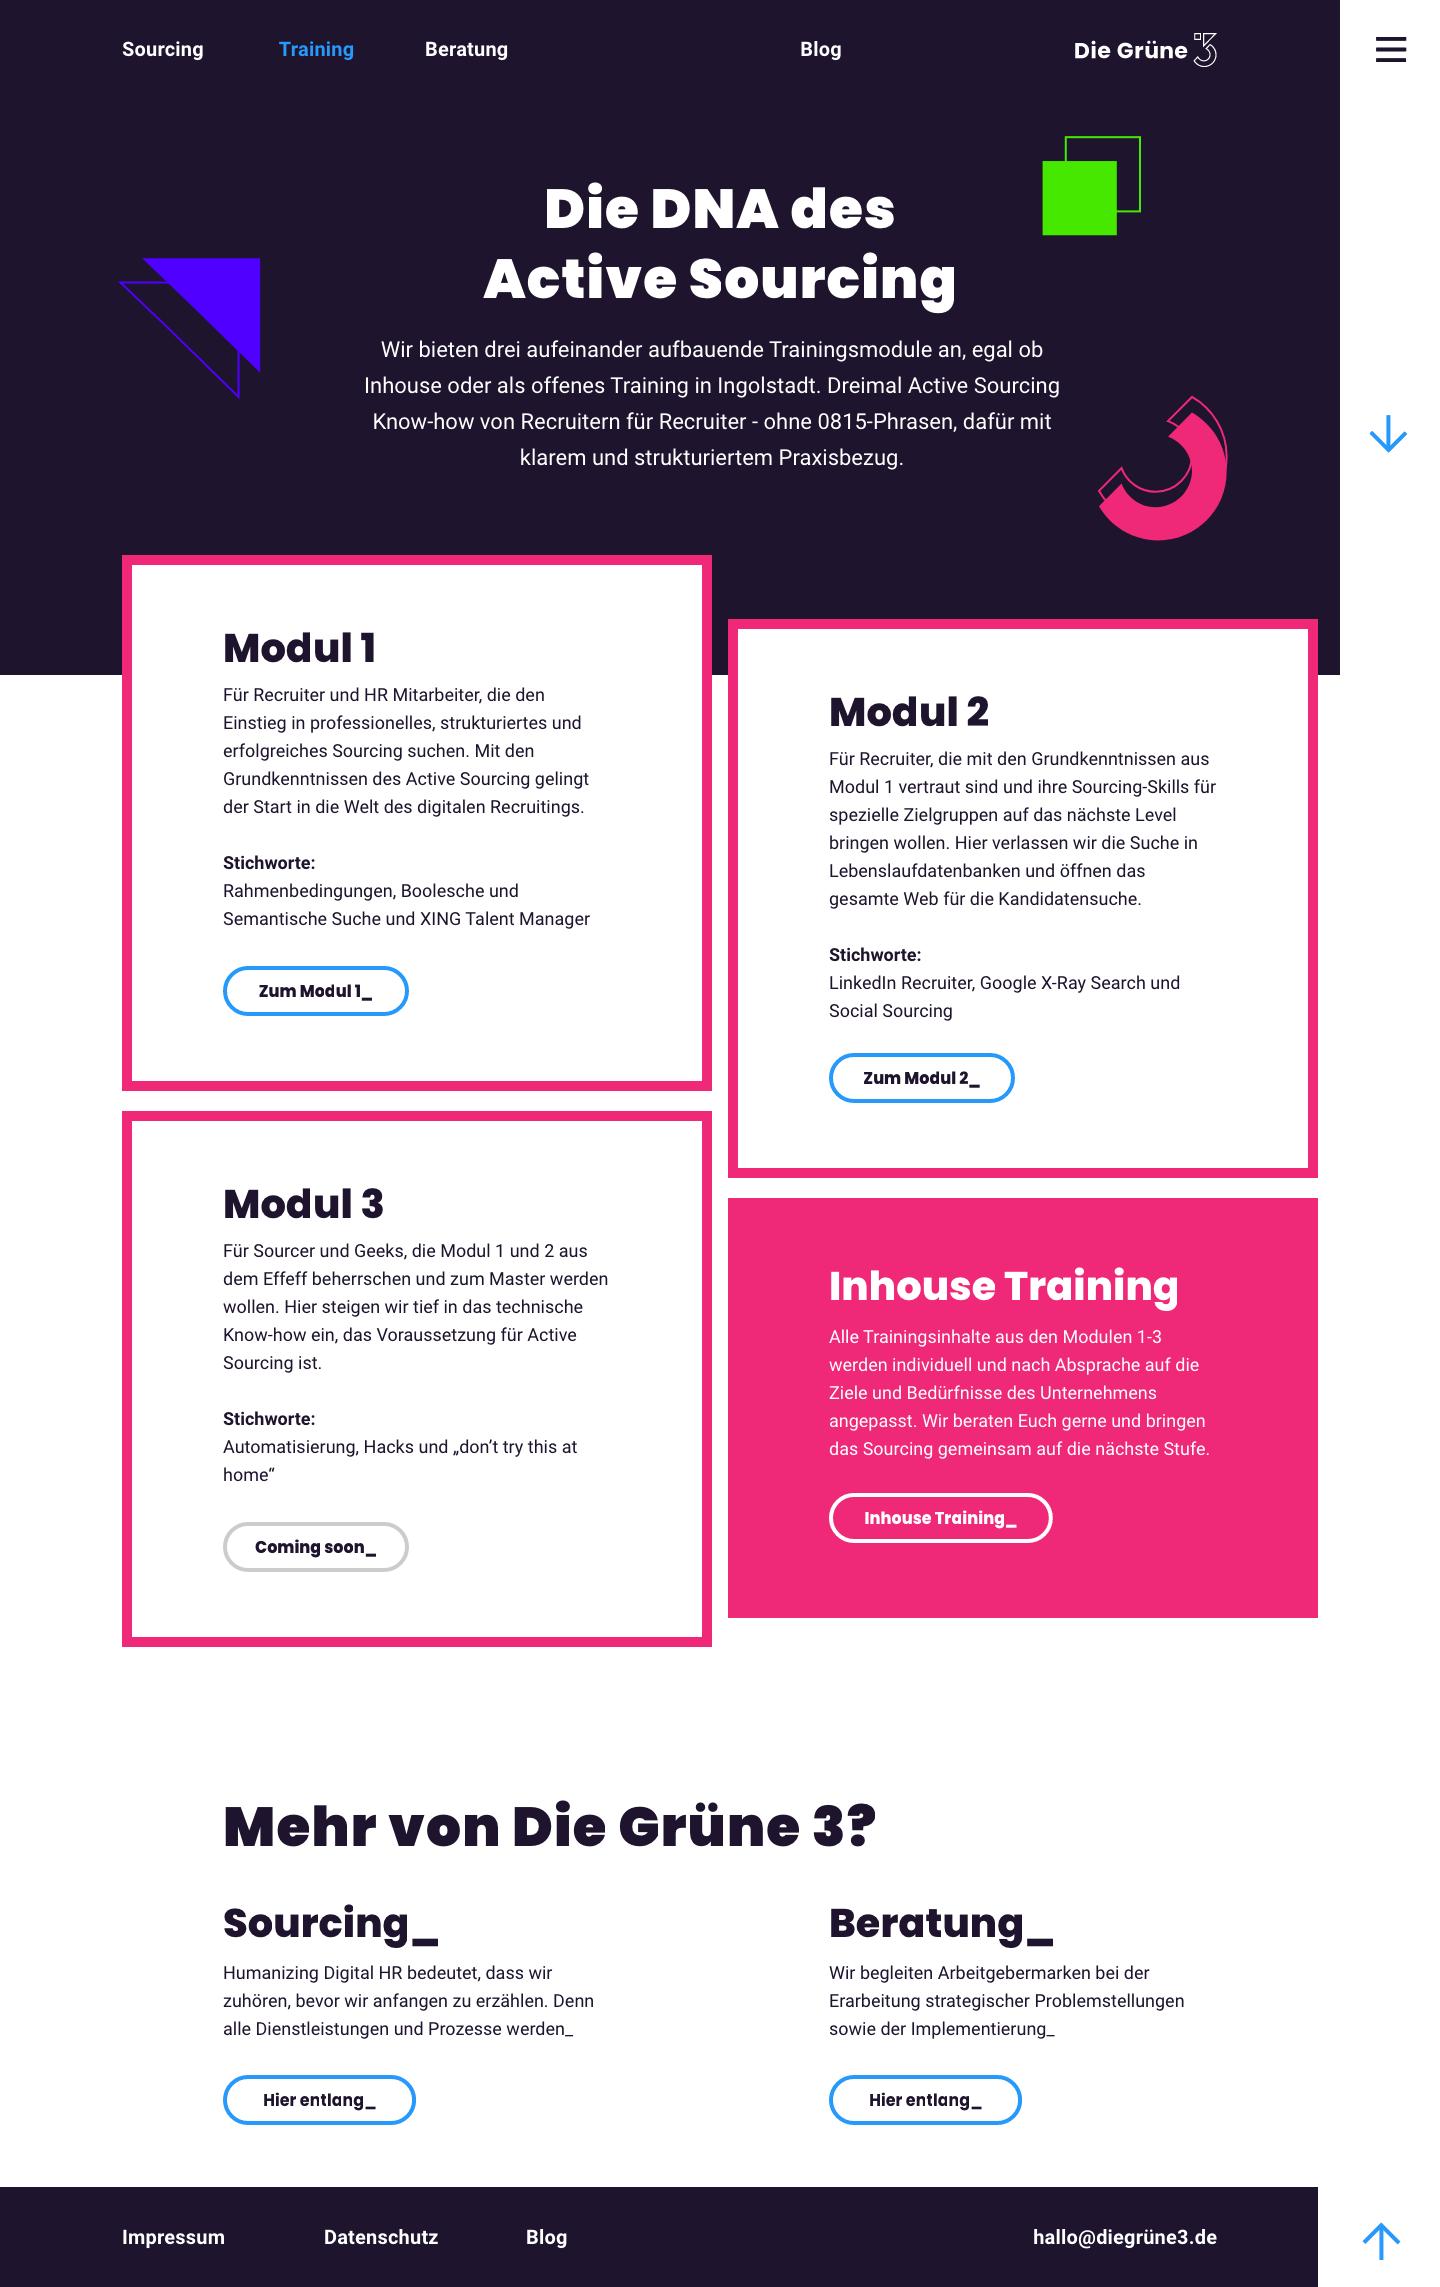 peers_DieGruene3_Trainingsuebersicht_Desktop